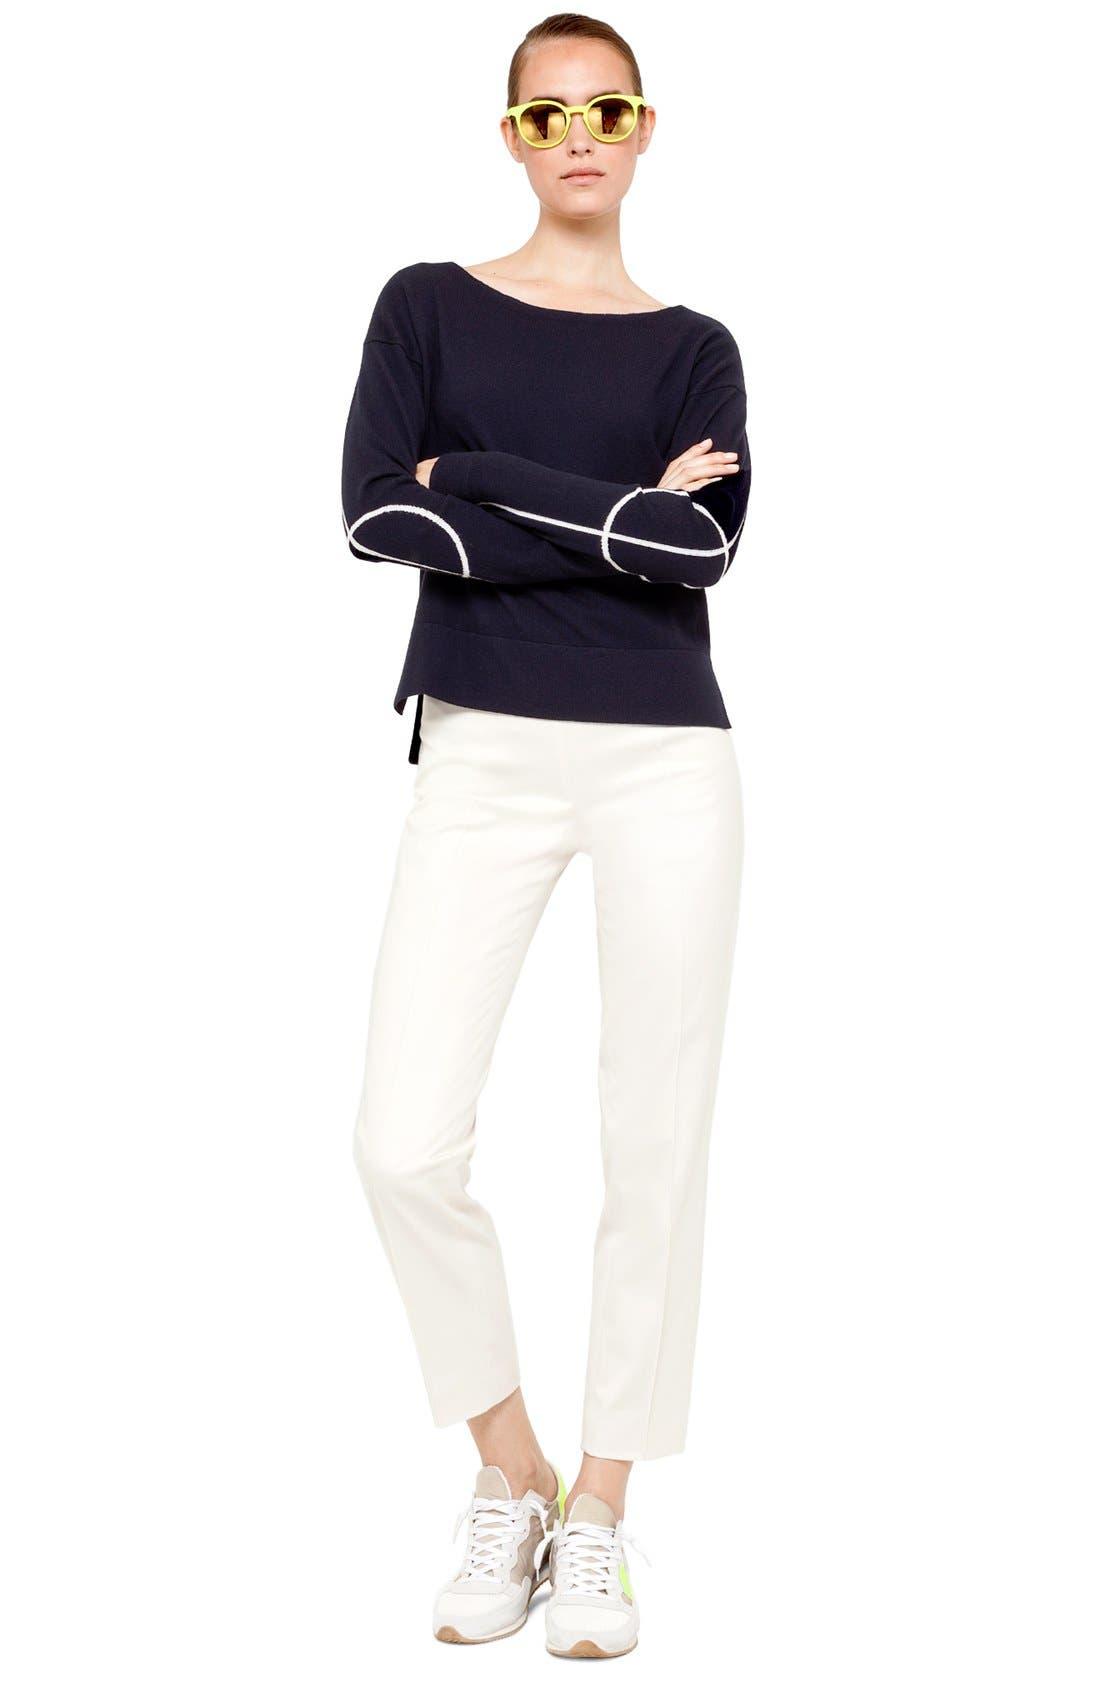 Alternate Image 1 Selected - Akris punto Crop Sweater & Pants